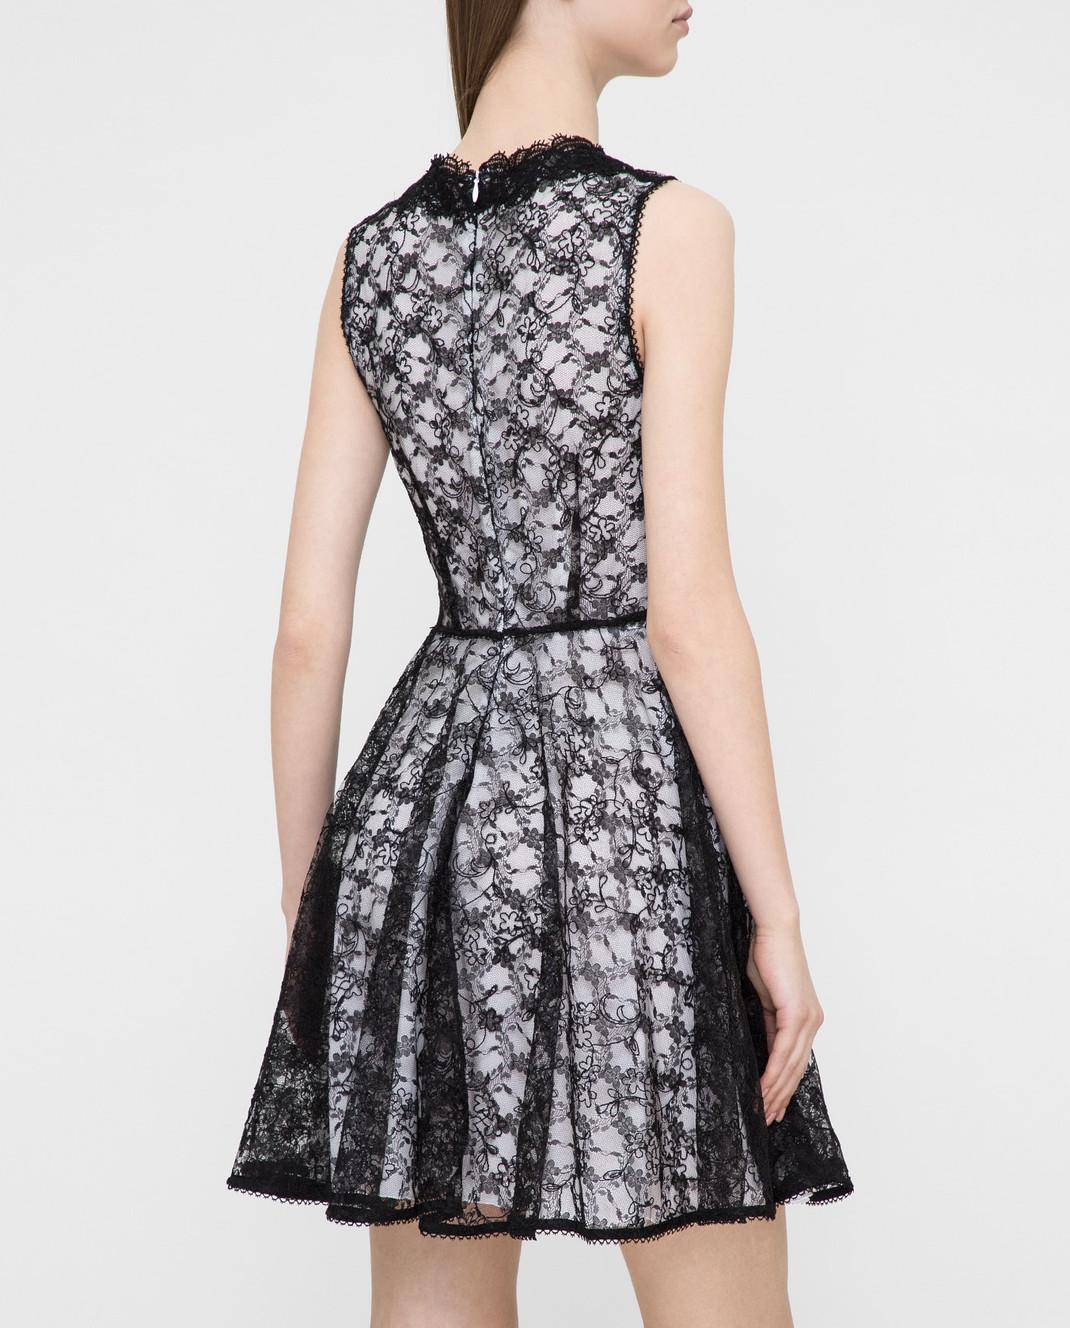 Ermanno Черное платье из кружева AB36 изображение 4